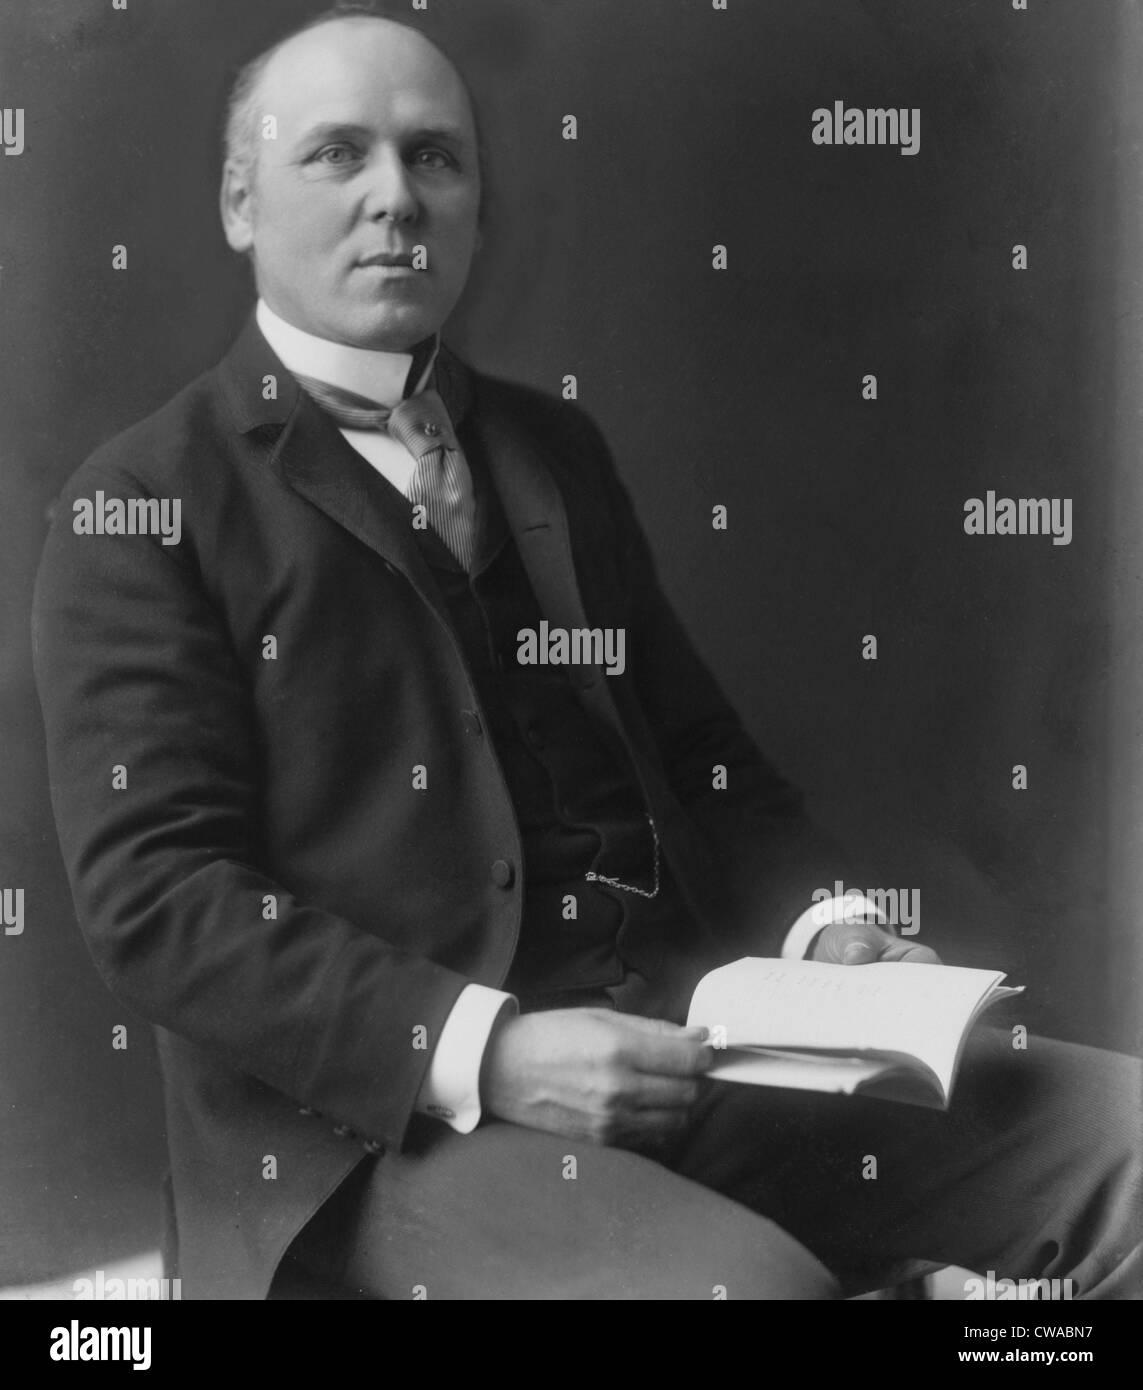 Howard Pyle (1853-1911) escritor norteamericano, pintor e ilustrador, escribió e ilustró libros infantiles, Imagen De Stock